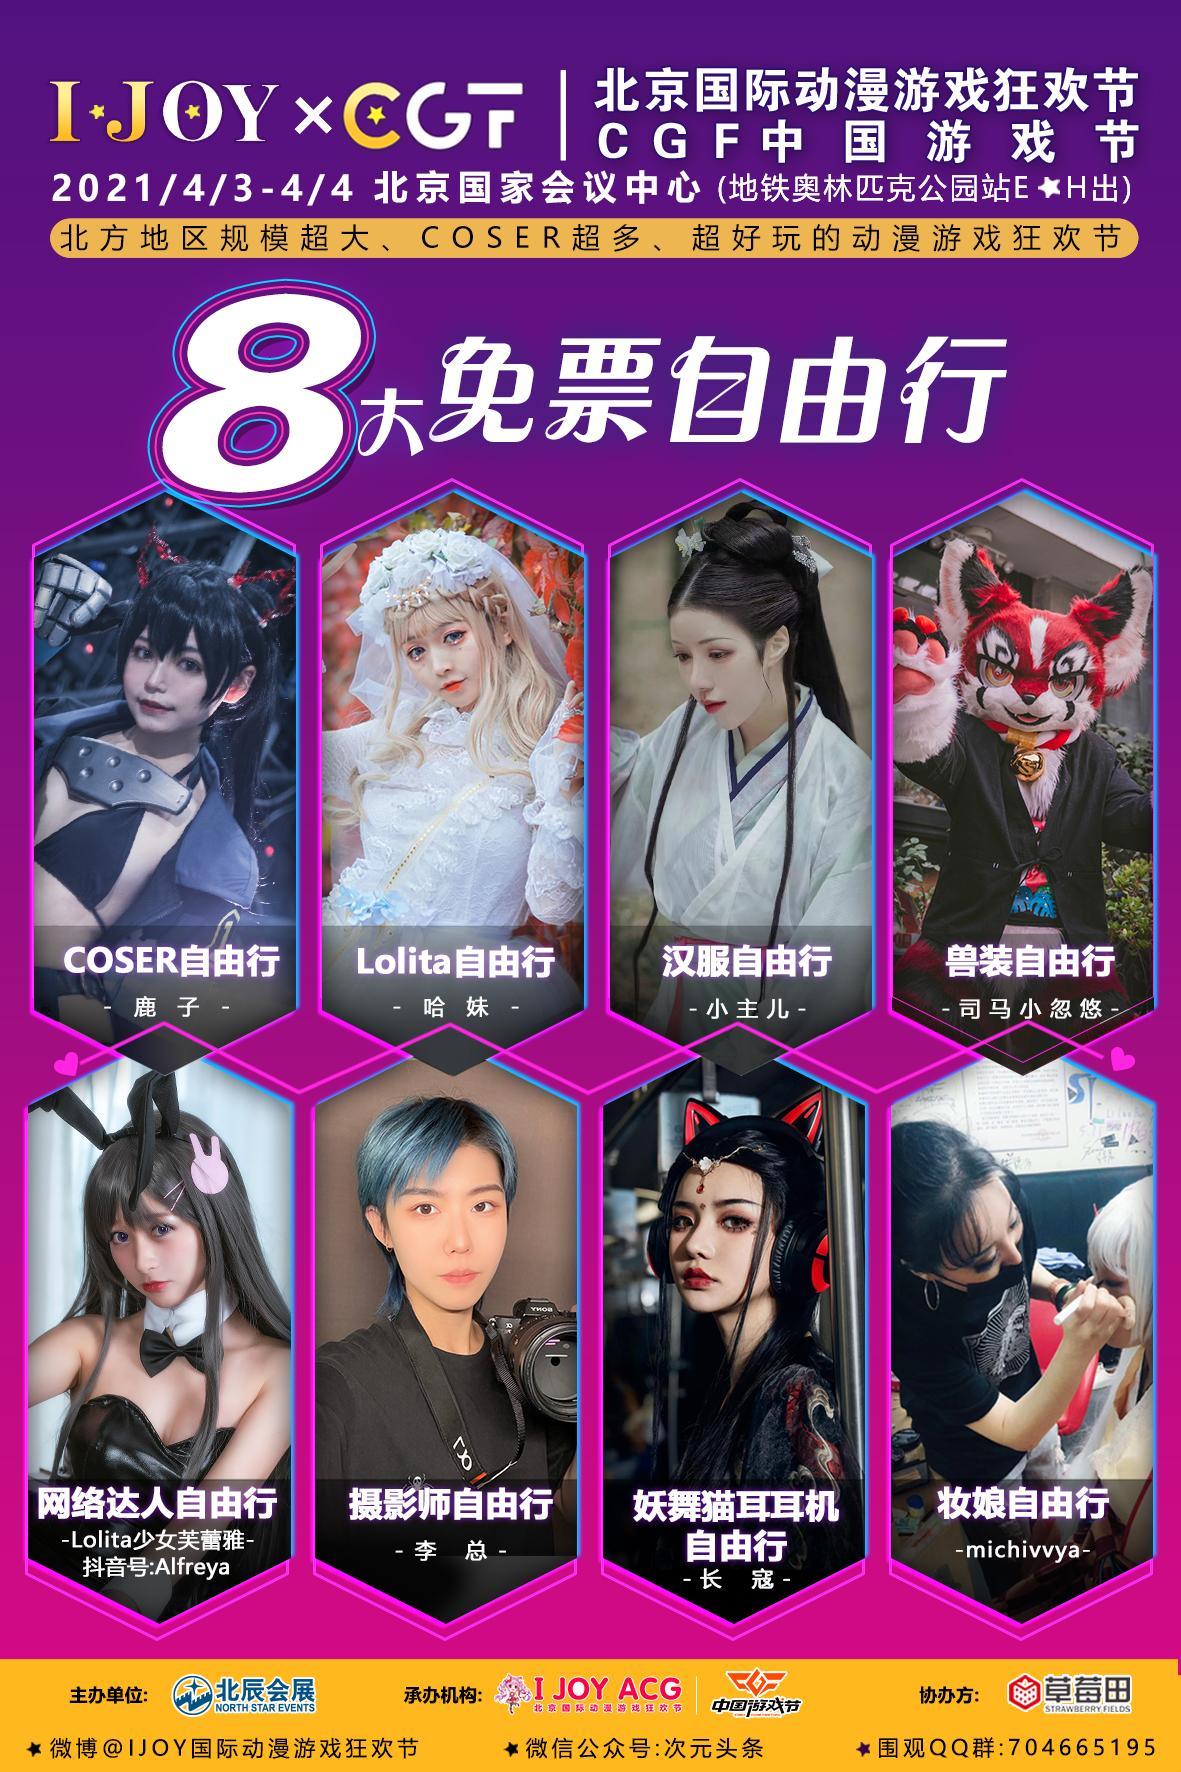 清明假期IJOY × CGF北京大型动漫游戏狂欢节